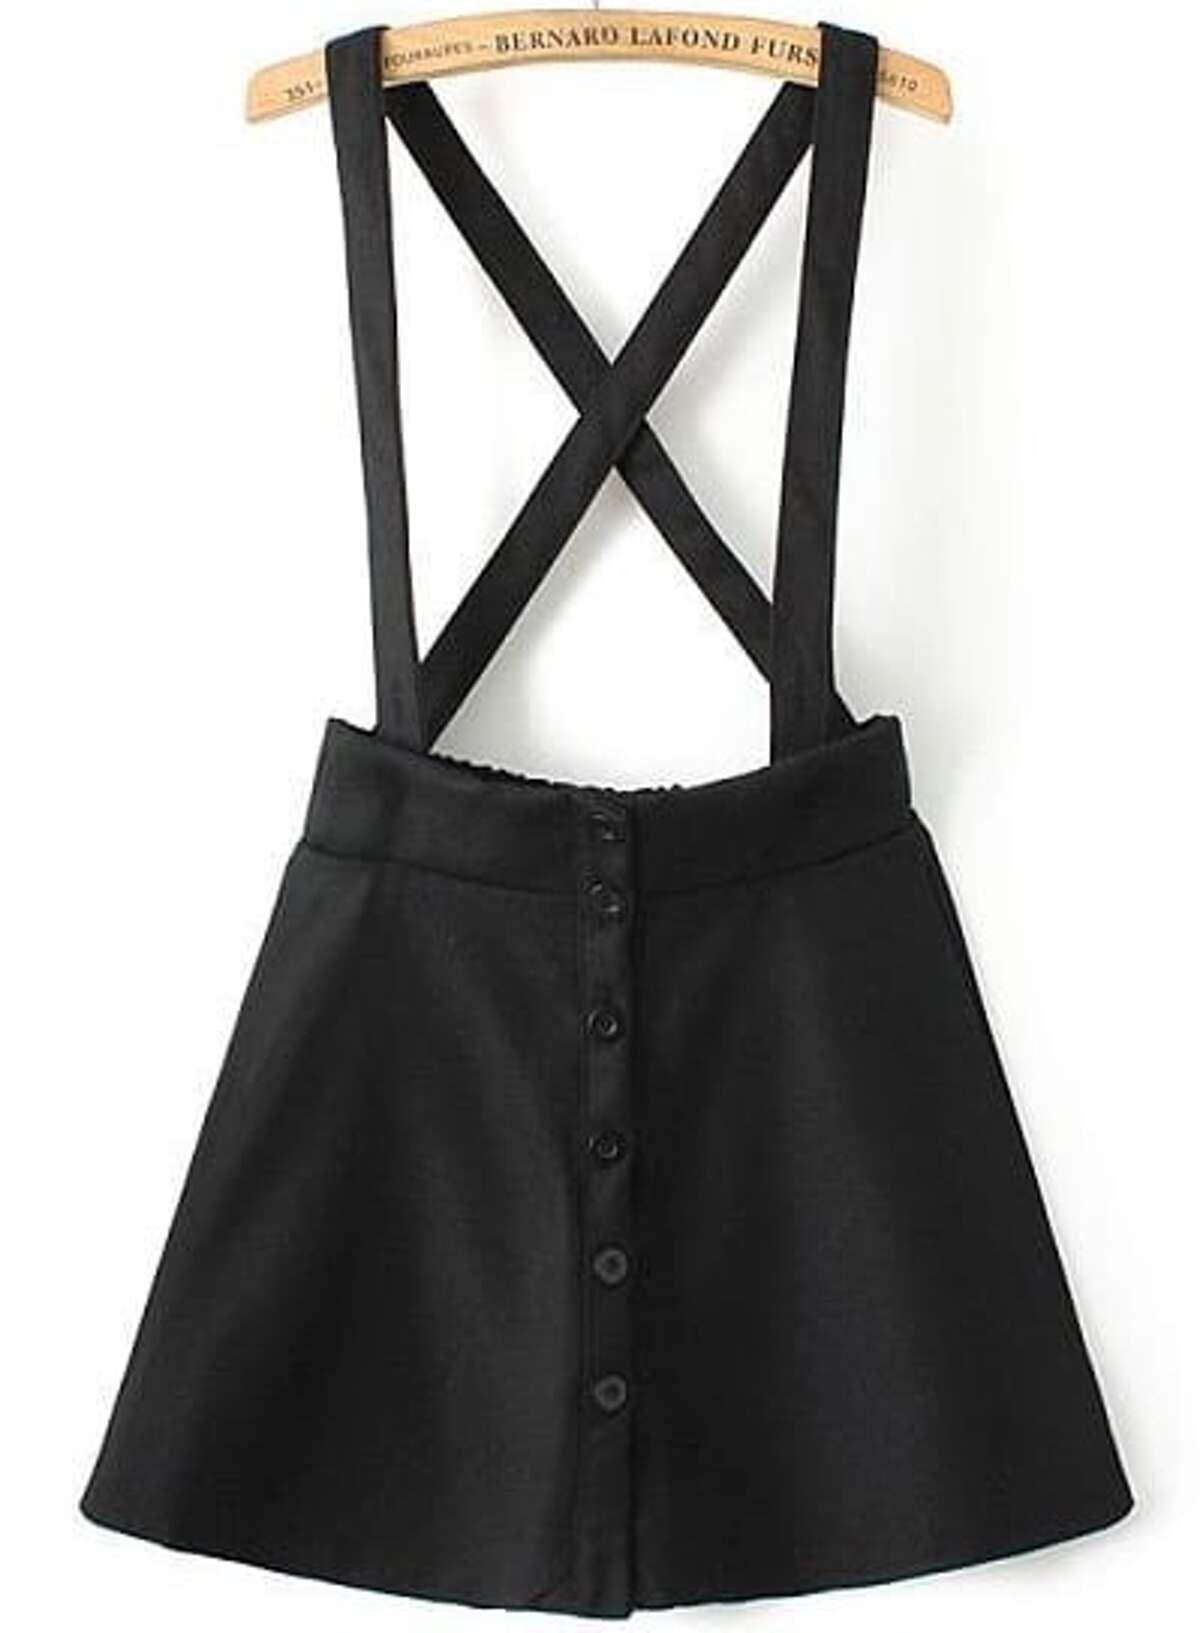 黑色 肩帶式 鈕扣 裙子